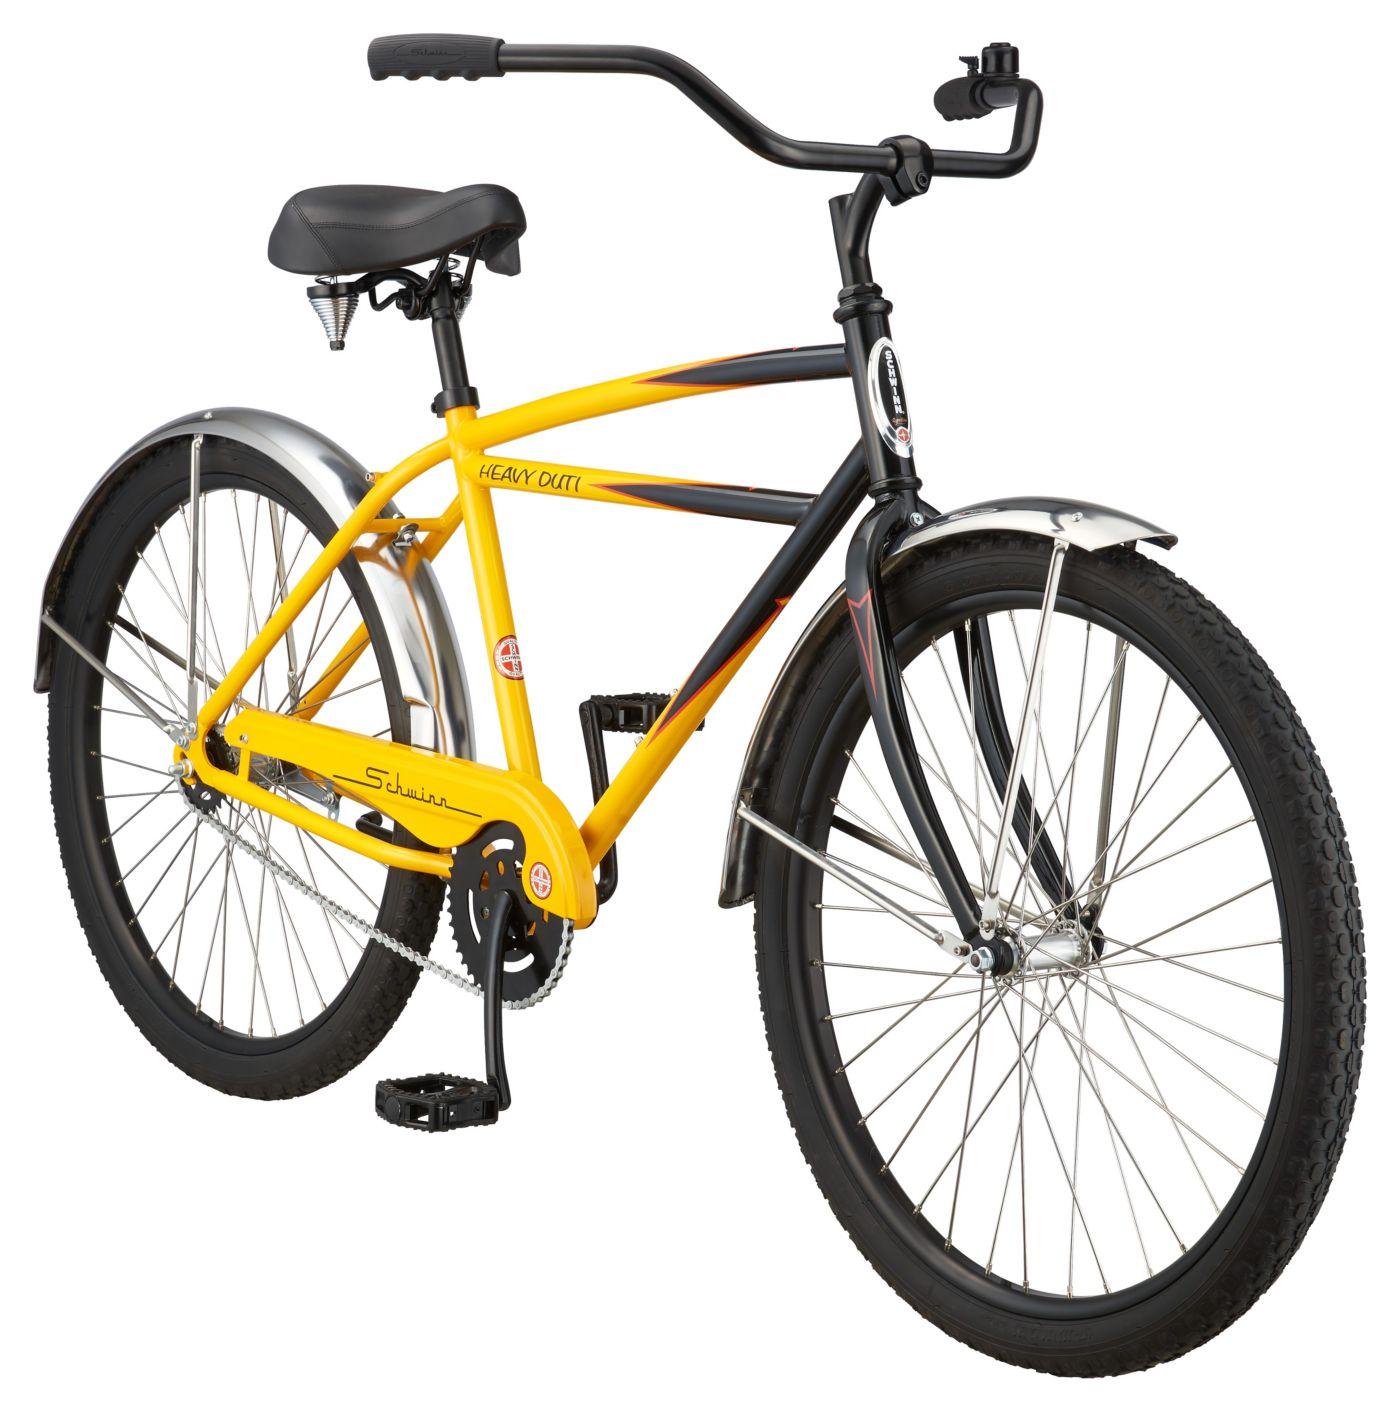 Schwinn Signature Men's Heavy Duti 26'' Cruiser Bike